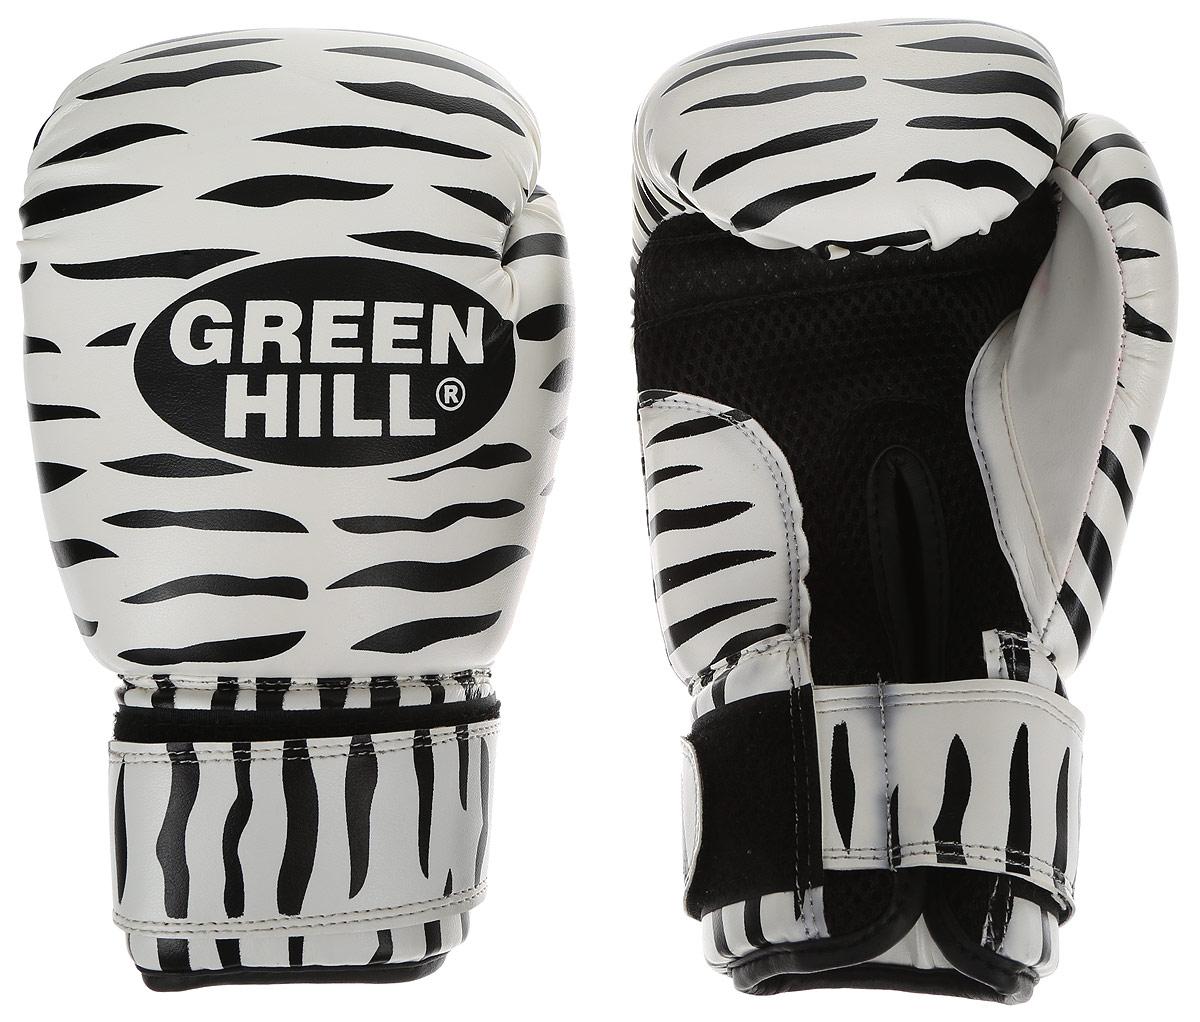 Перчатки боксерские Green Hill Zebra, цвет: черный, белый. Вес 10 унций. BGC-2041BGC-2041Боксерские перчатки Green Hill Zebra отлично подойдут для тренировок. Верх выполнен из искусственной кожи, наполнитель - из вспененного полимера. Сетка в области ладони позволяет создать максимально комфортный терморежим во время занятий. Длинный манжет на липучке способствует быстрому и удобному надеванию перчаток, плотно фиксирует их на руке.